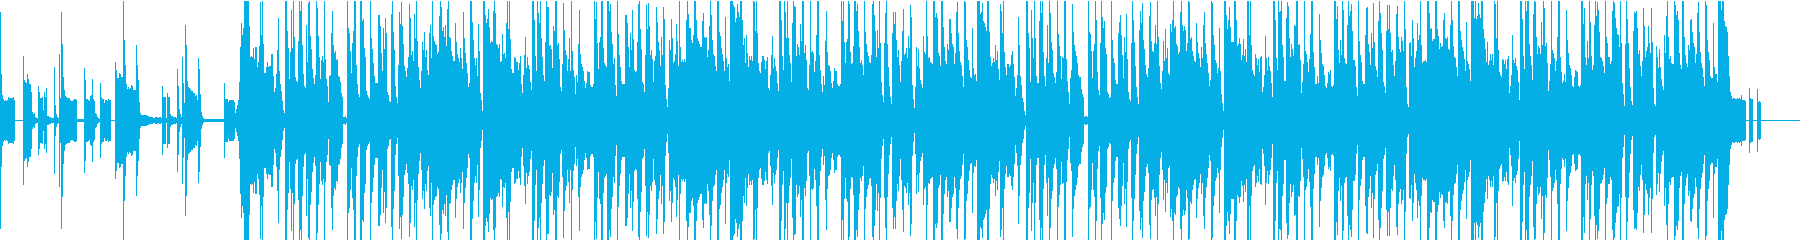 コミカルな楽し気なBGMの再生済みの波形